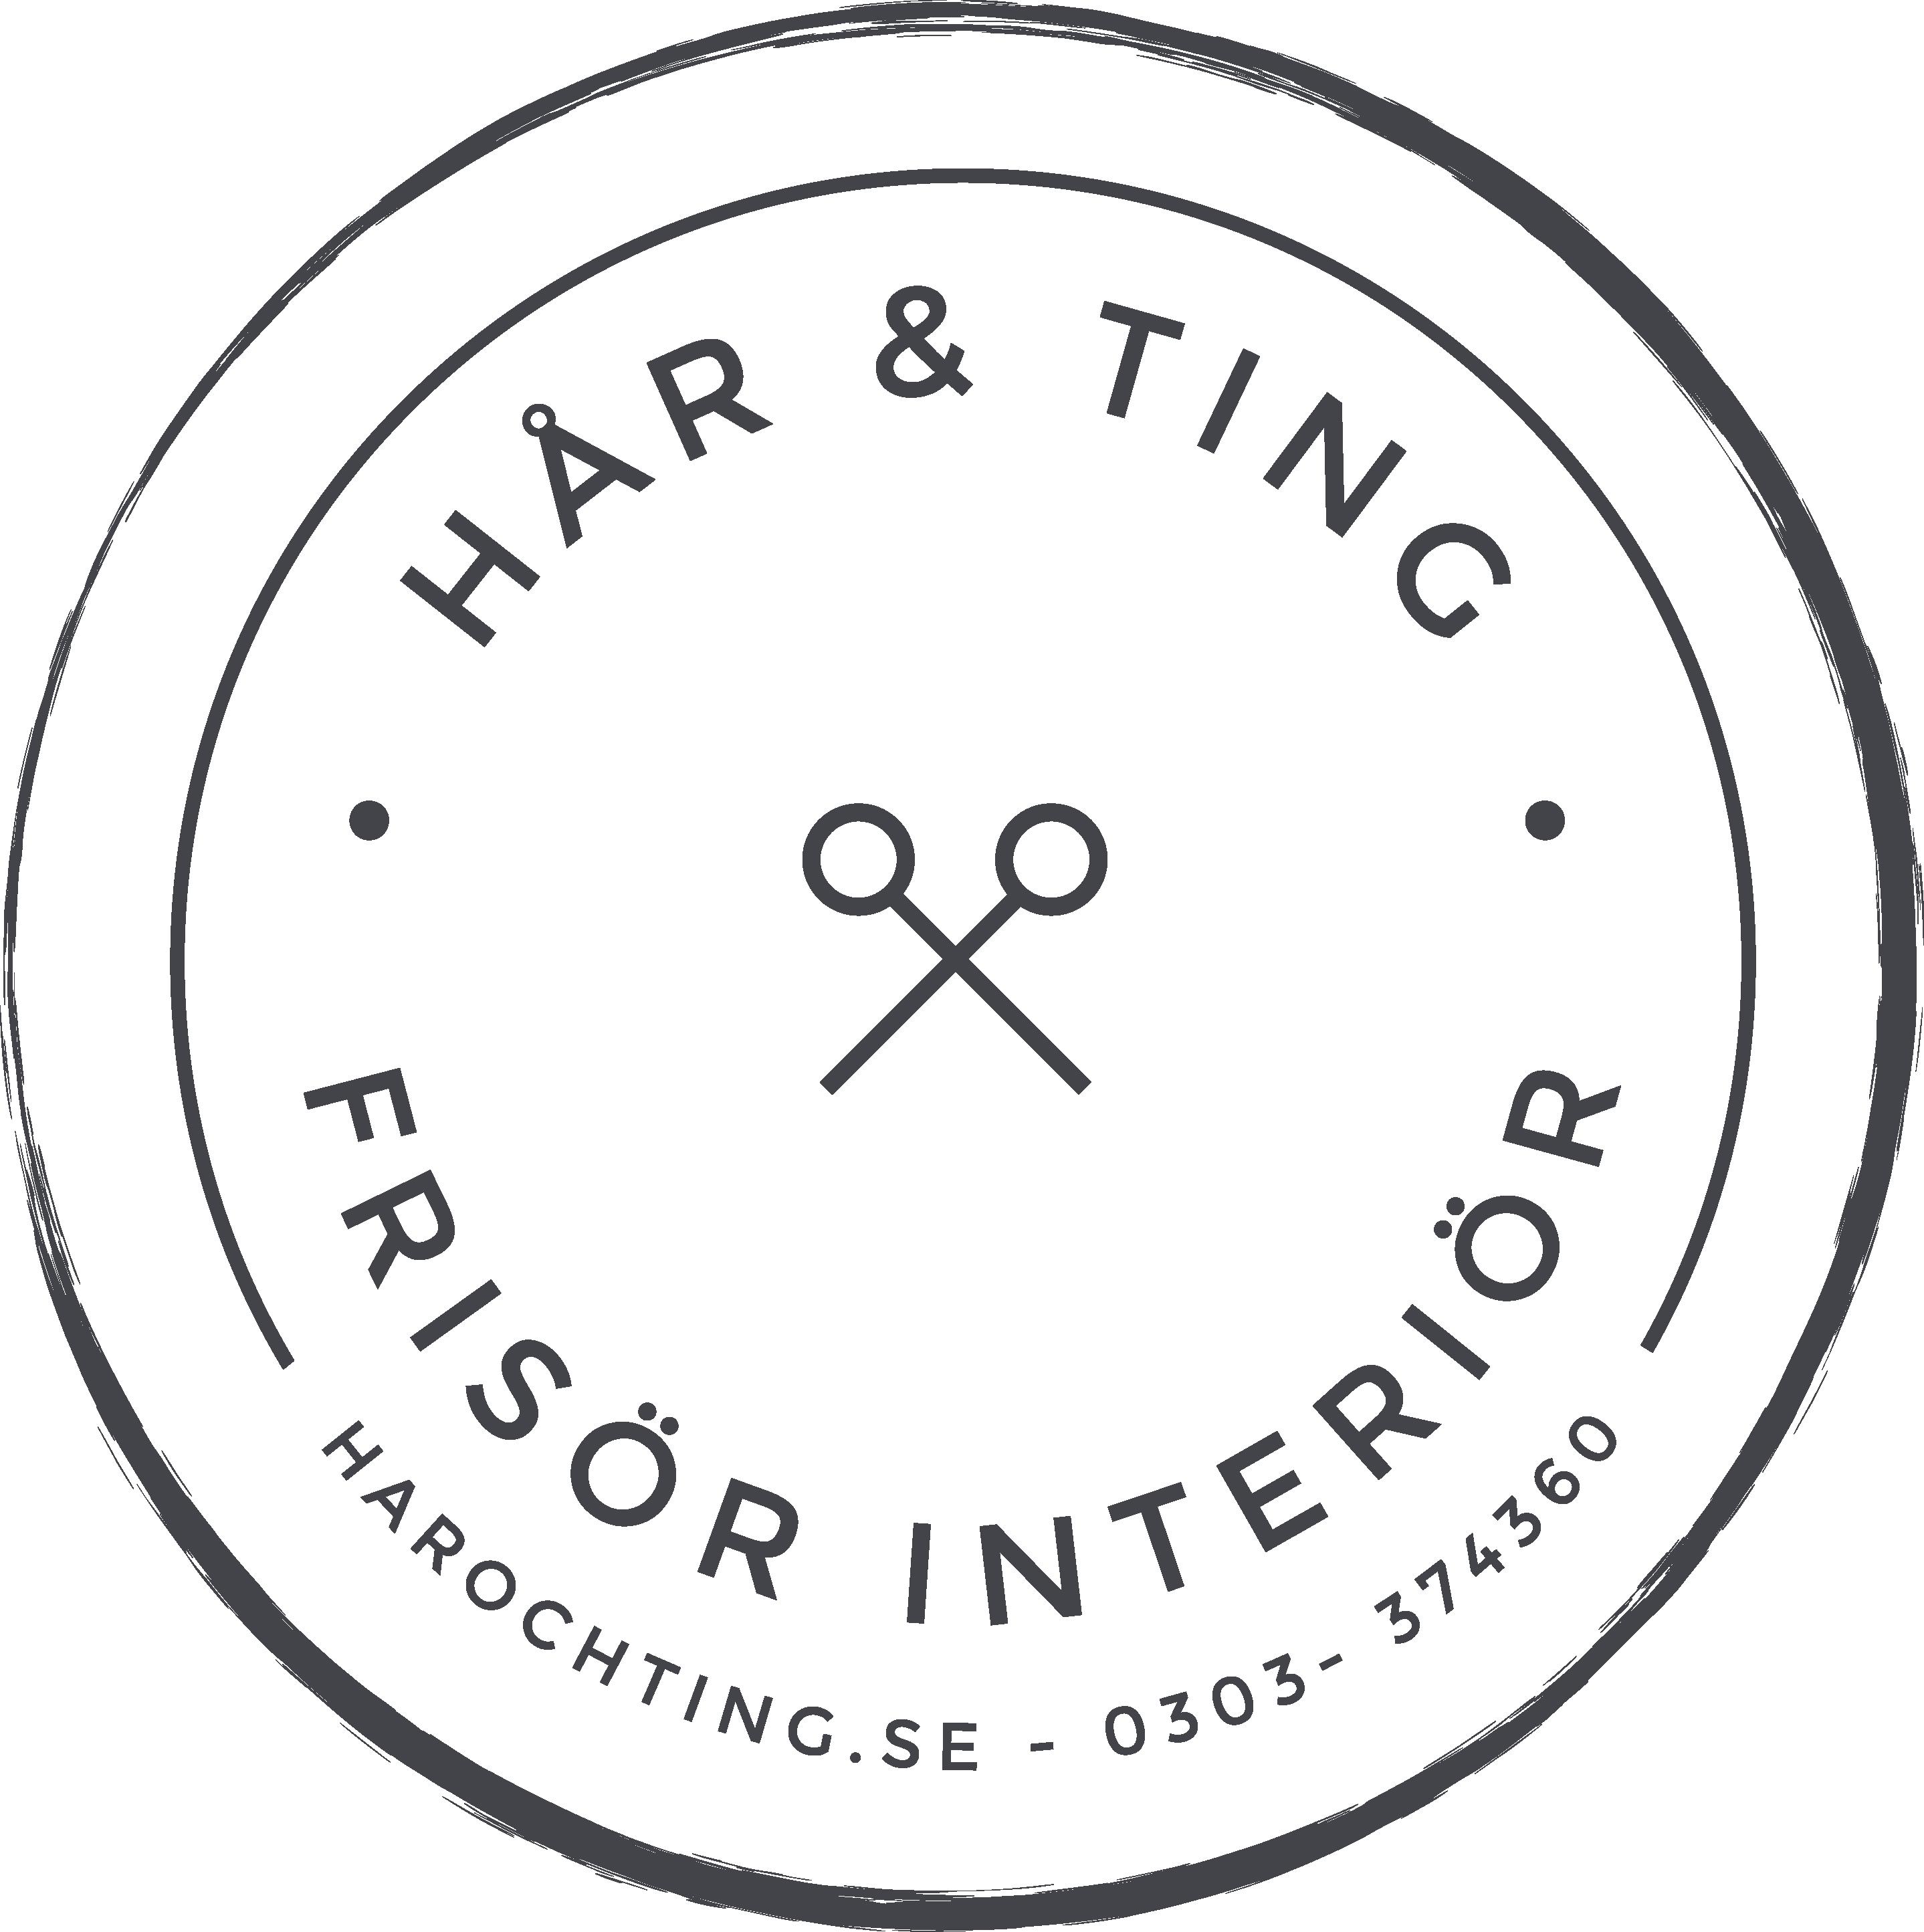 Håroting-logotyp-01-17